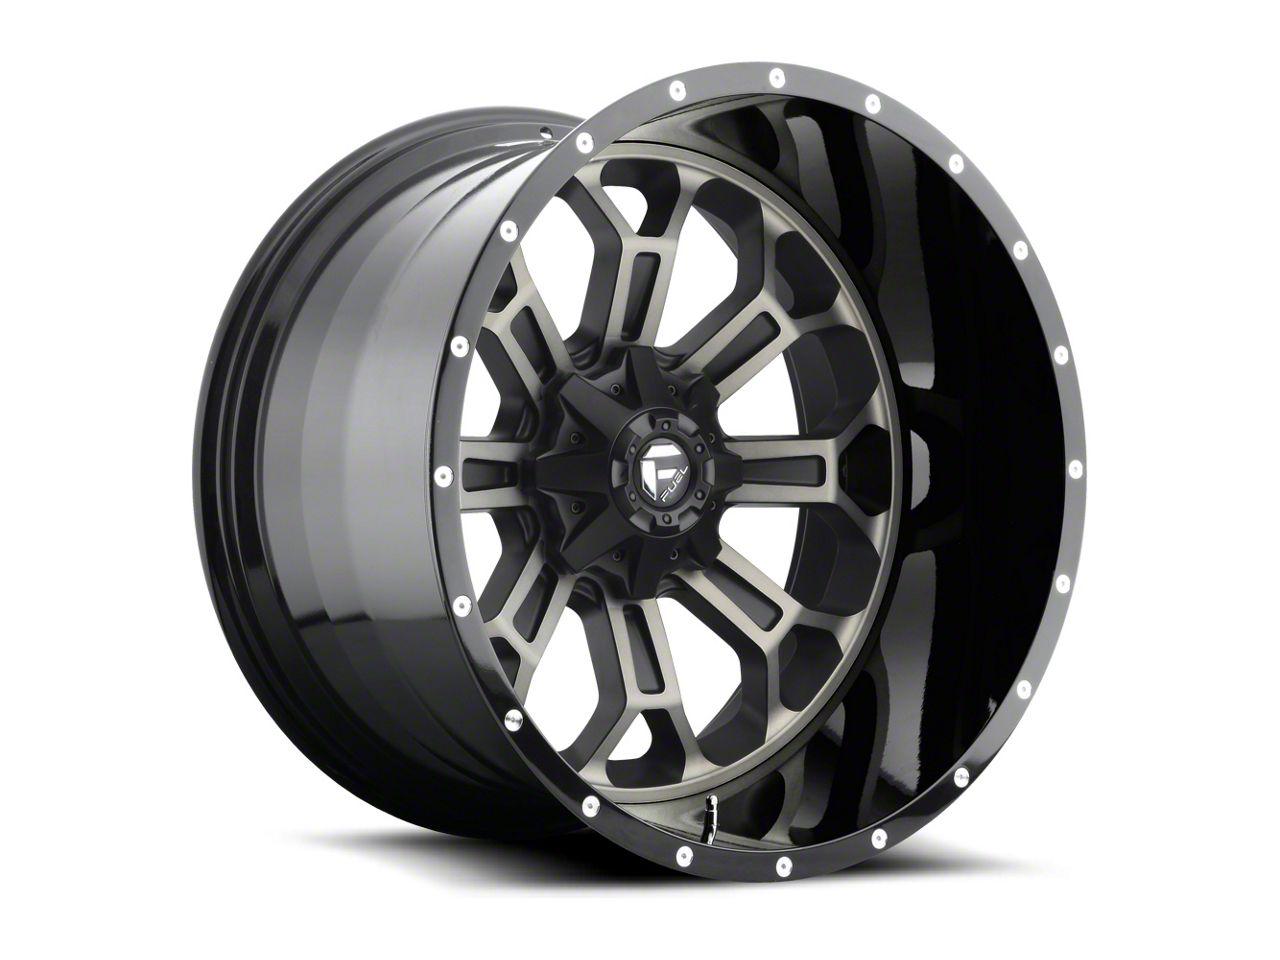 Fuel Wheels Crush Matte Black Machined 6-Lug Wheel - 22x14 (04-18 F-150)